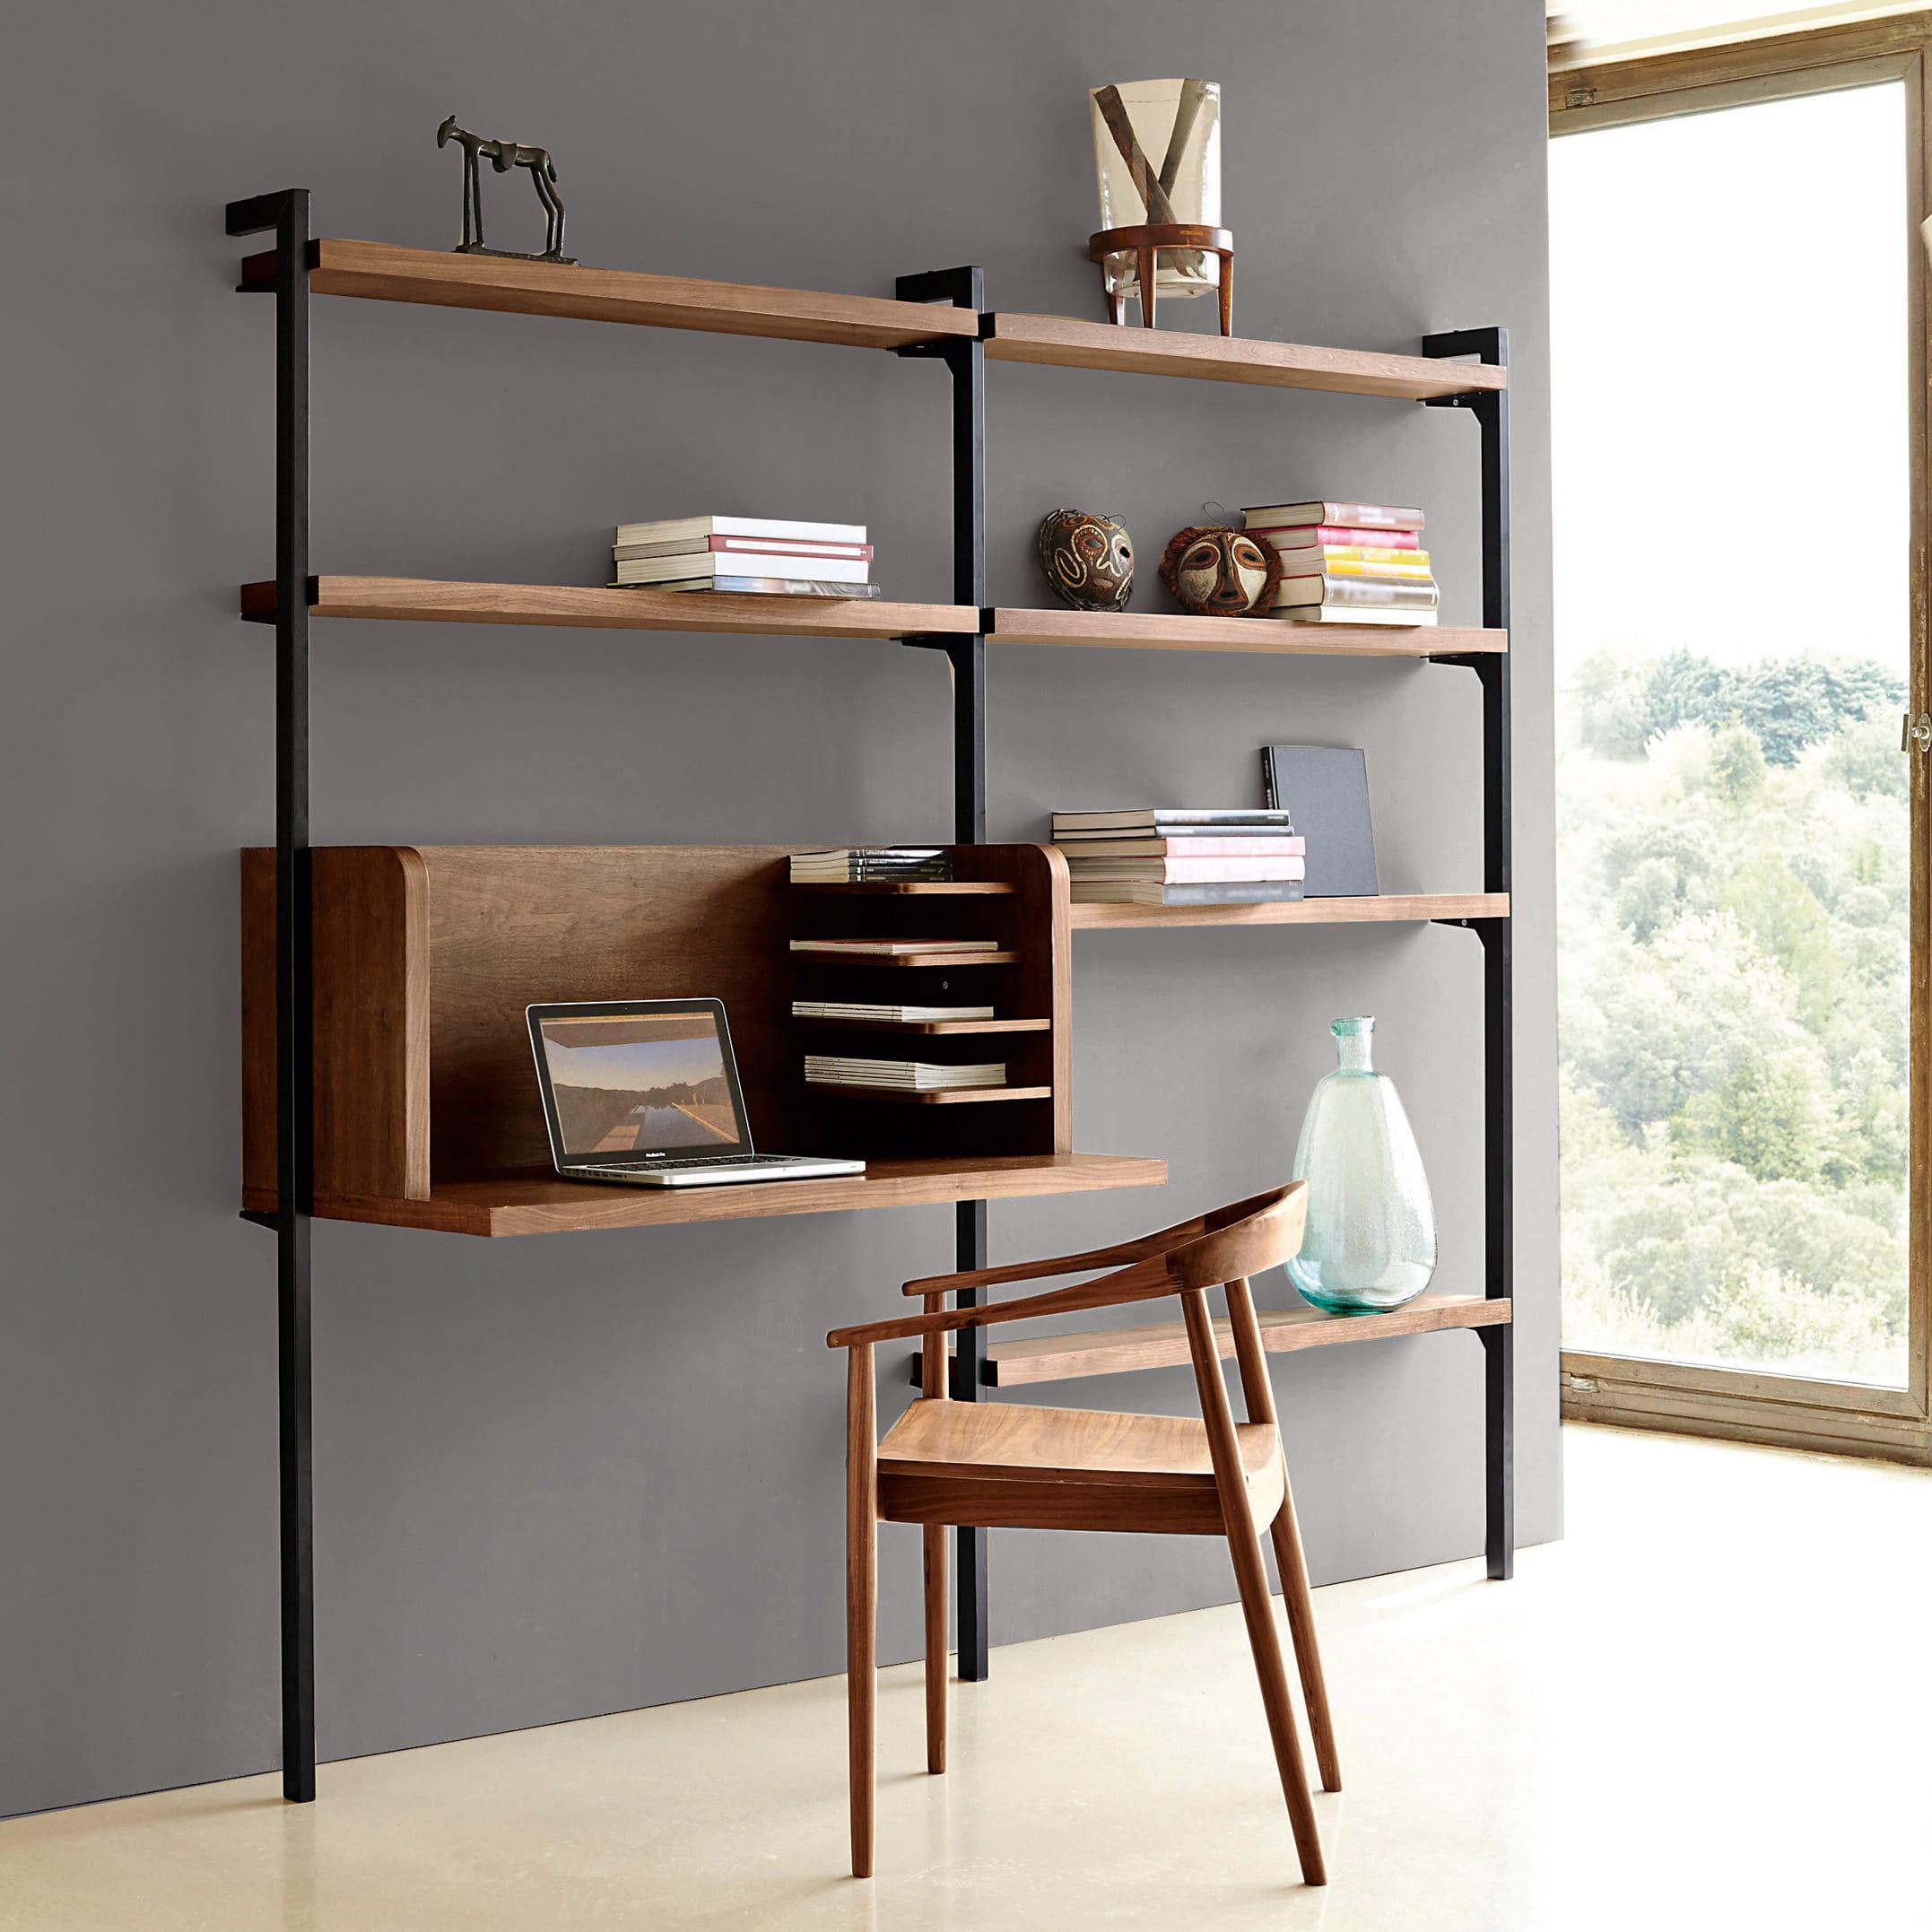 module de bureau en noy plaqu am pm. Black Bedroom Furniture Sets. Home Design Ideas